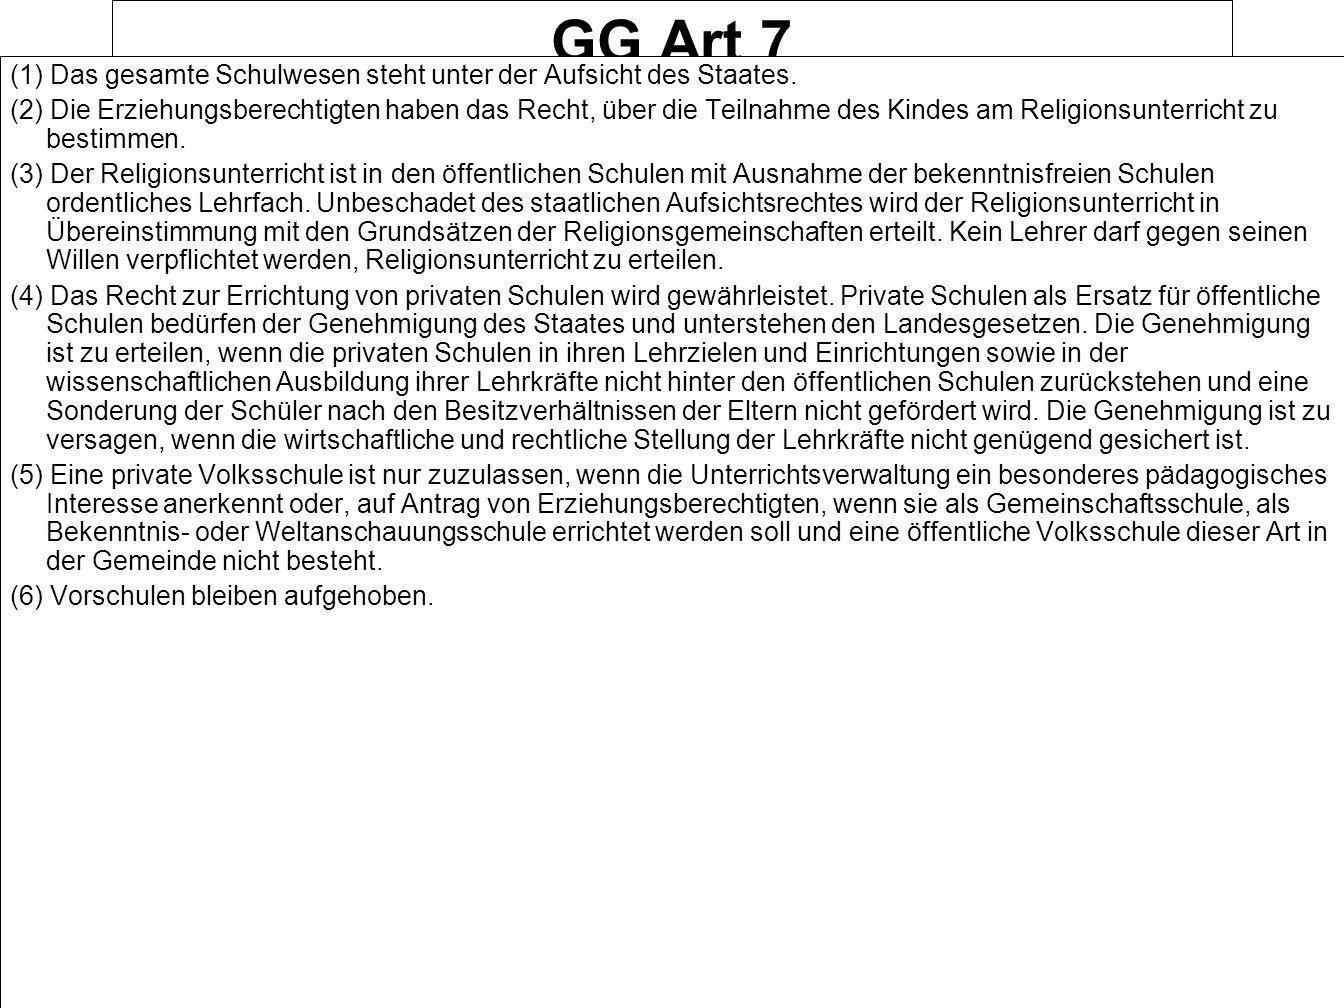 GG Art 7 (1) Das gesamte Schulwesen steht unter der Aufsicht des Staates.